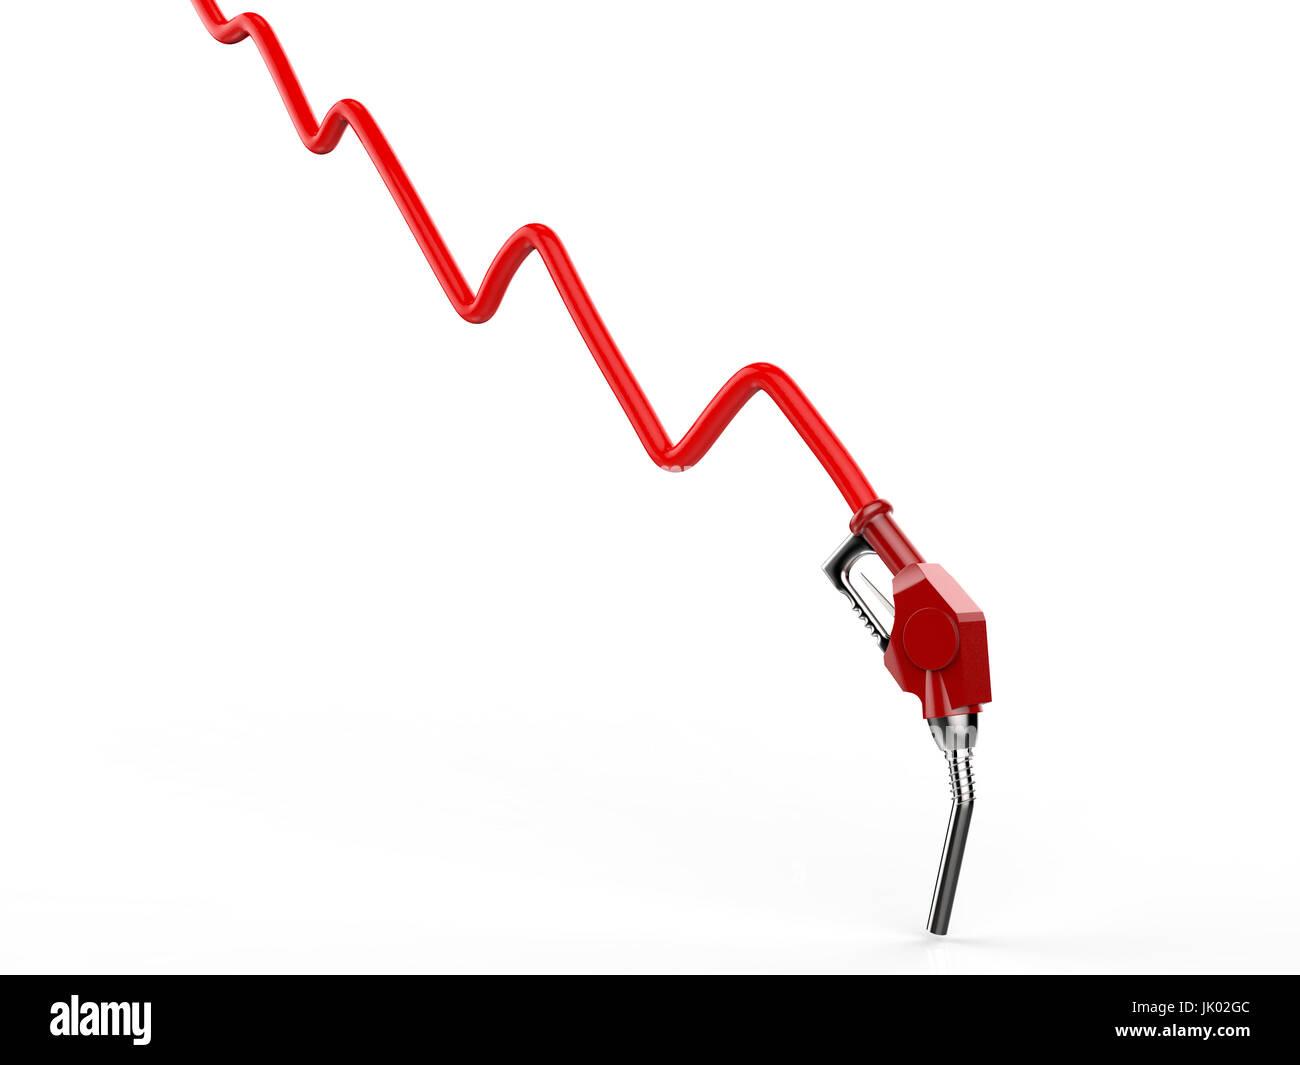 Ölpreis fallenden Konzept mit 3d Rendering rote Grafik und rote Düse Stockbild